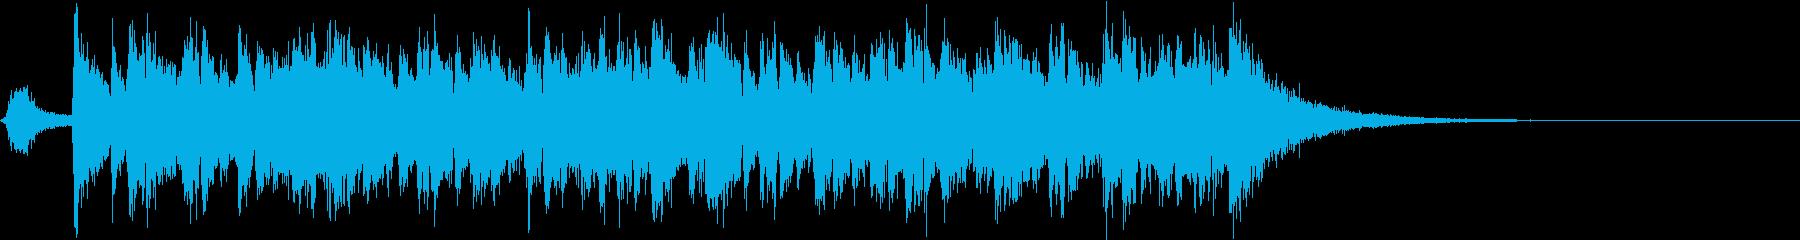 和風オープニングジングル・和太鼓・三味線の再生済みの波形